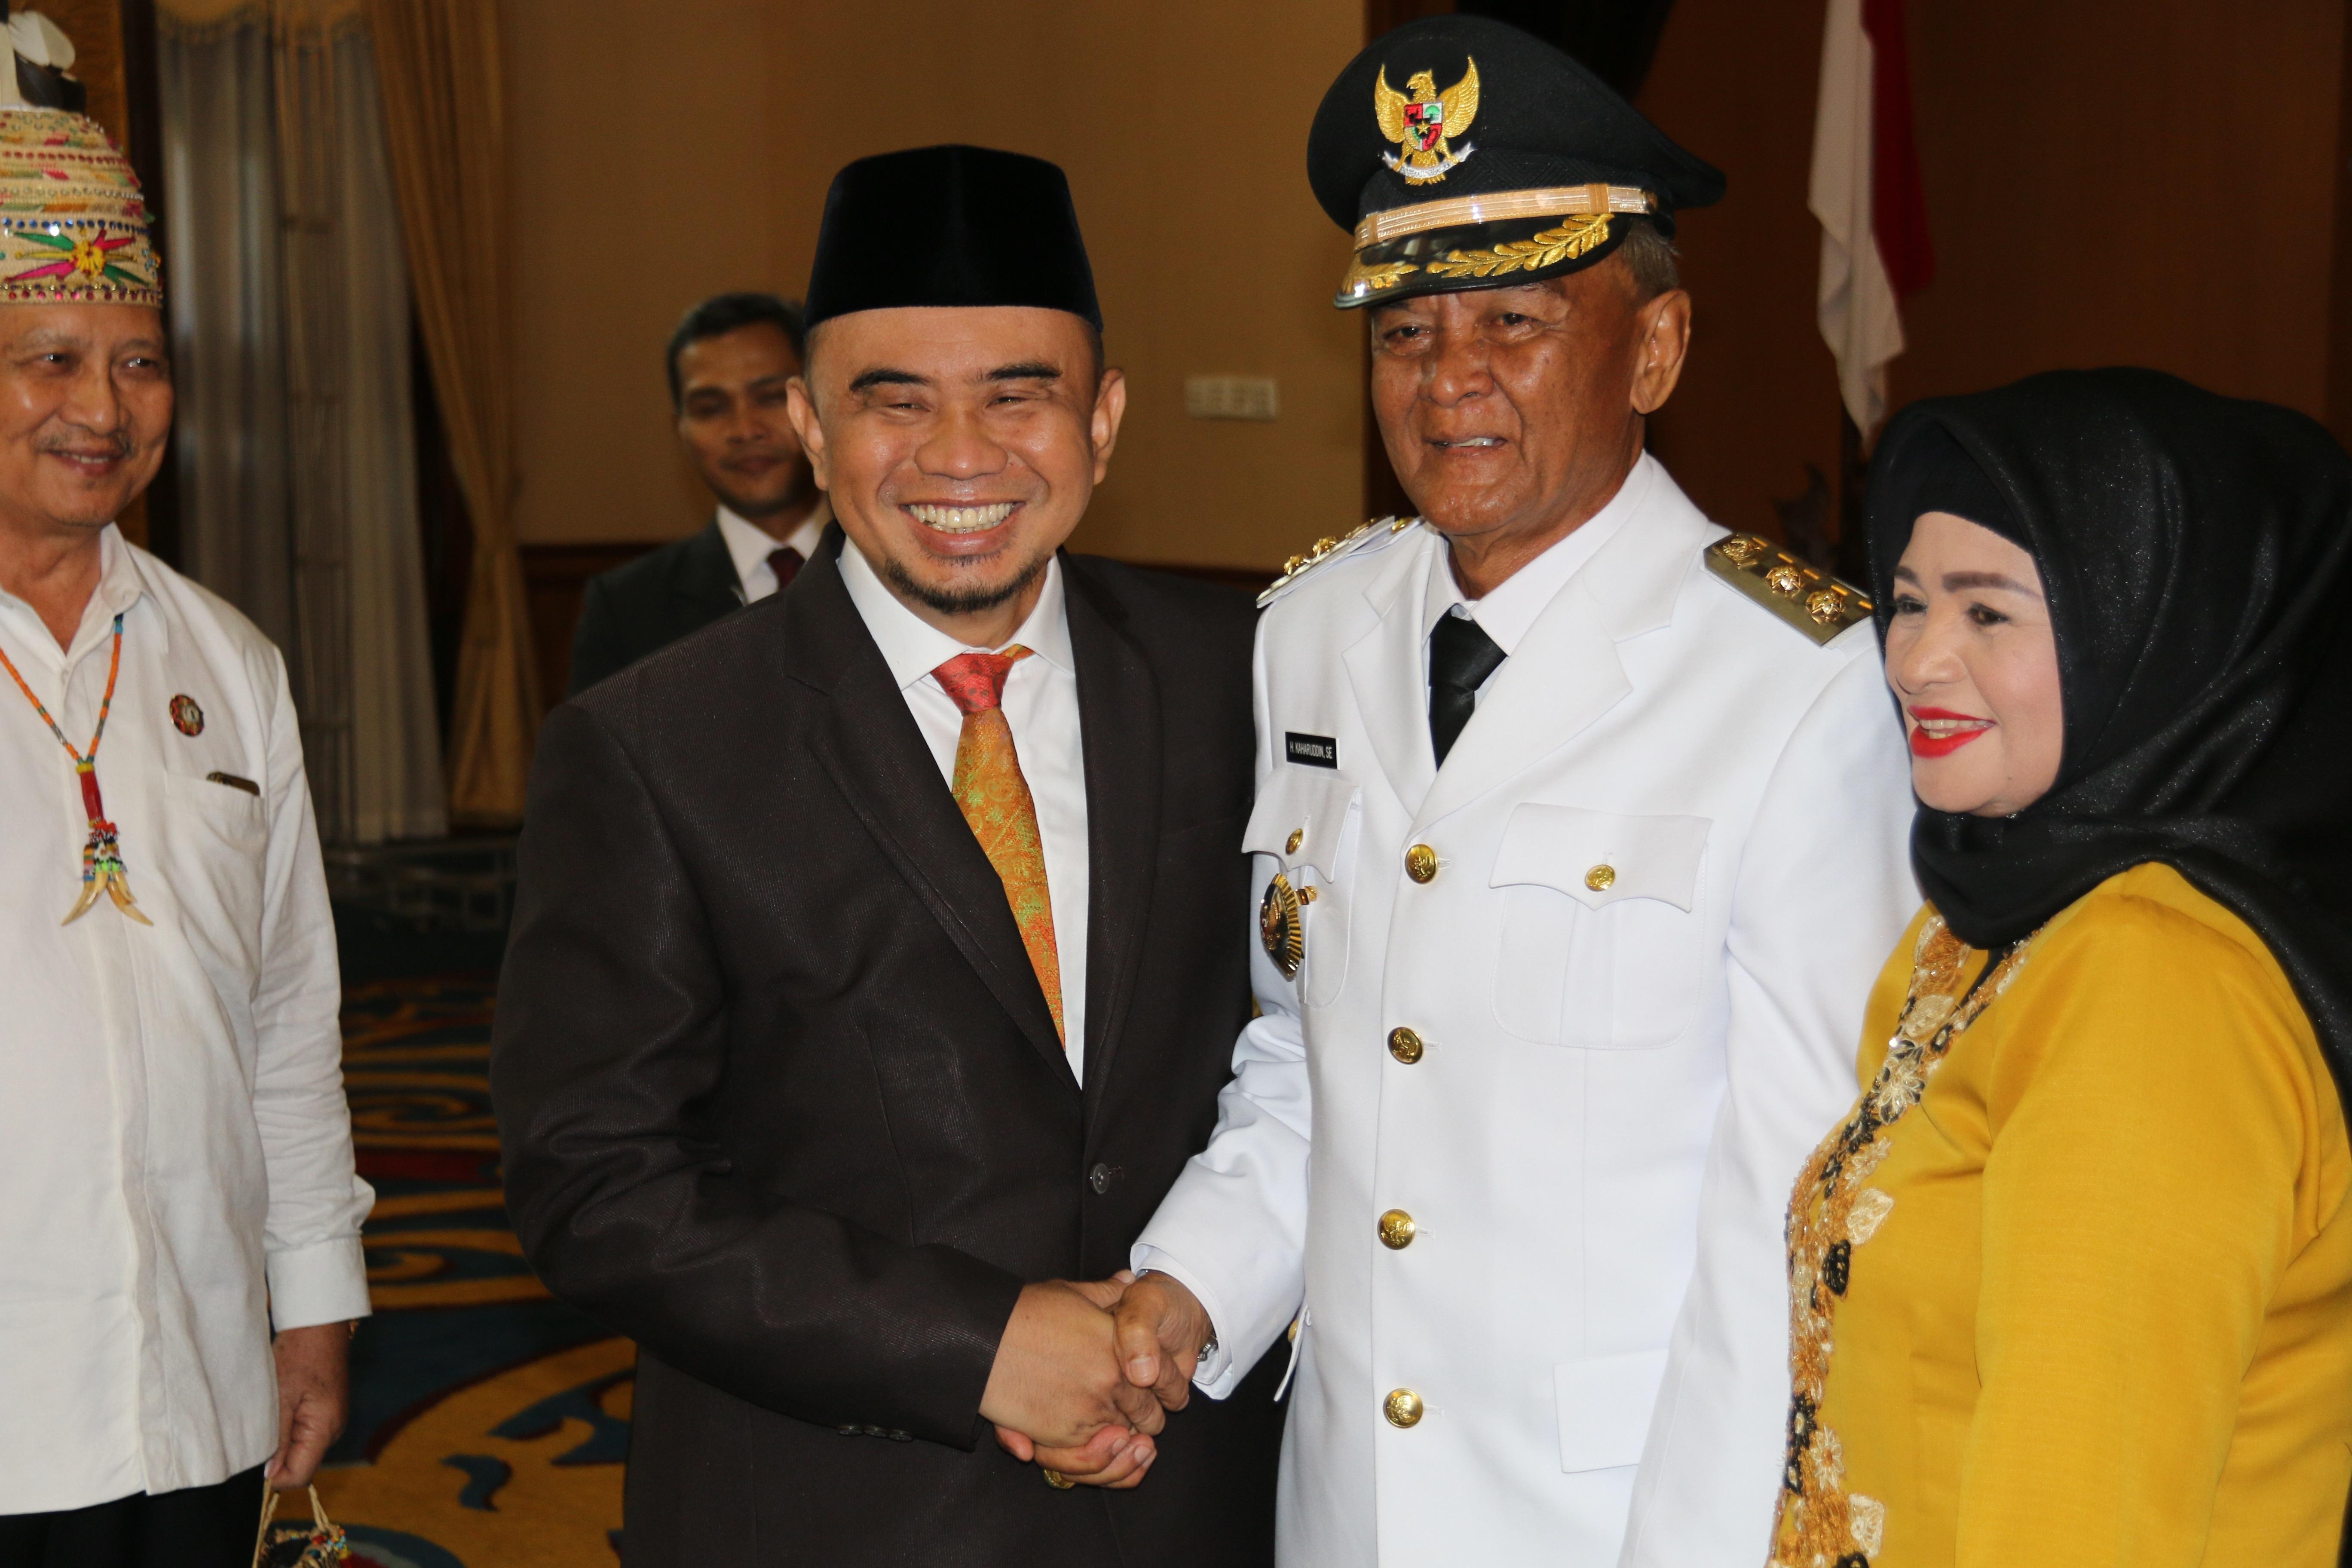 Kaharuddin: Almarhum Mardikansyah yang Mengangkat Saya & Menjadikan Saya Seperti Sekarang ini